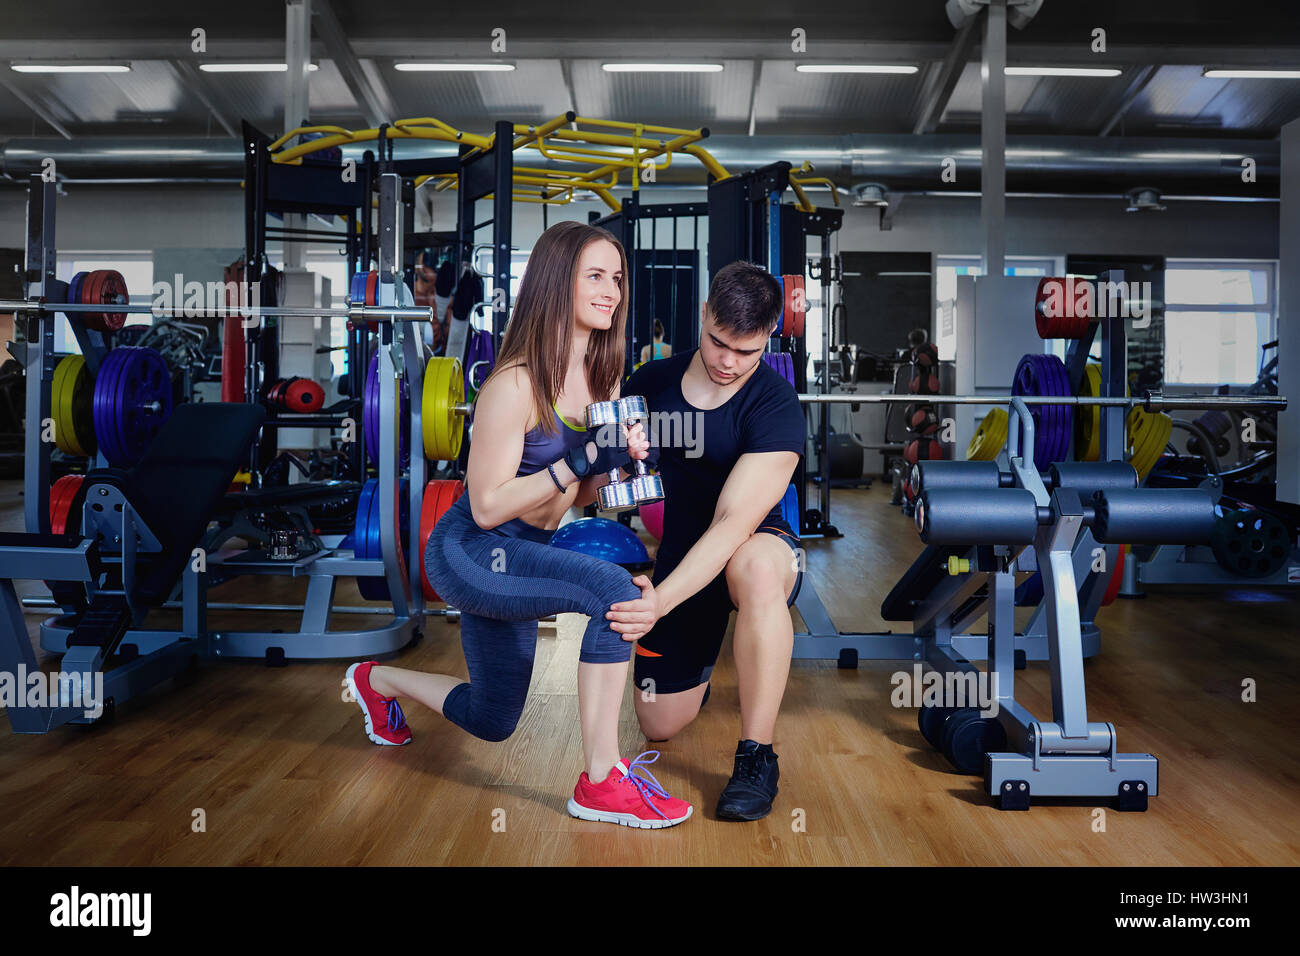 Entrenador personal instructor ayuda a hacer ejercicios para practicar deportes gi Imagen De Stock